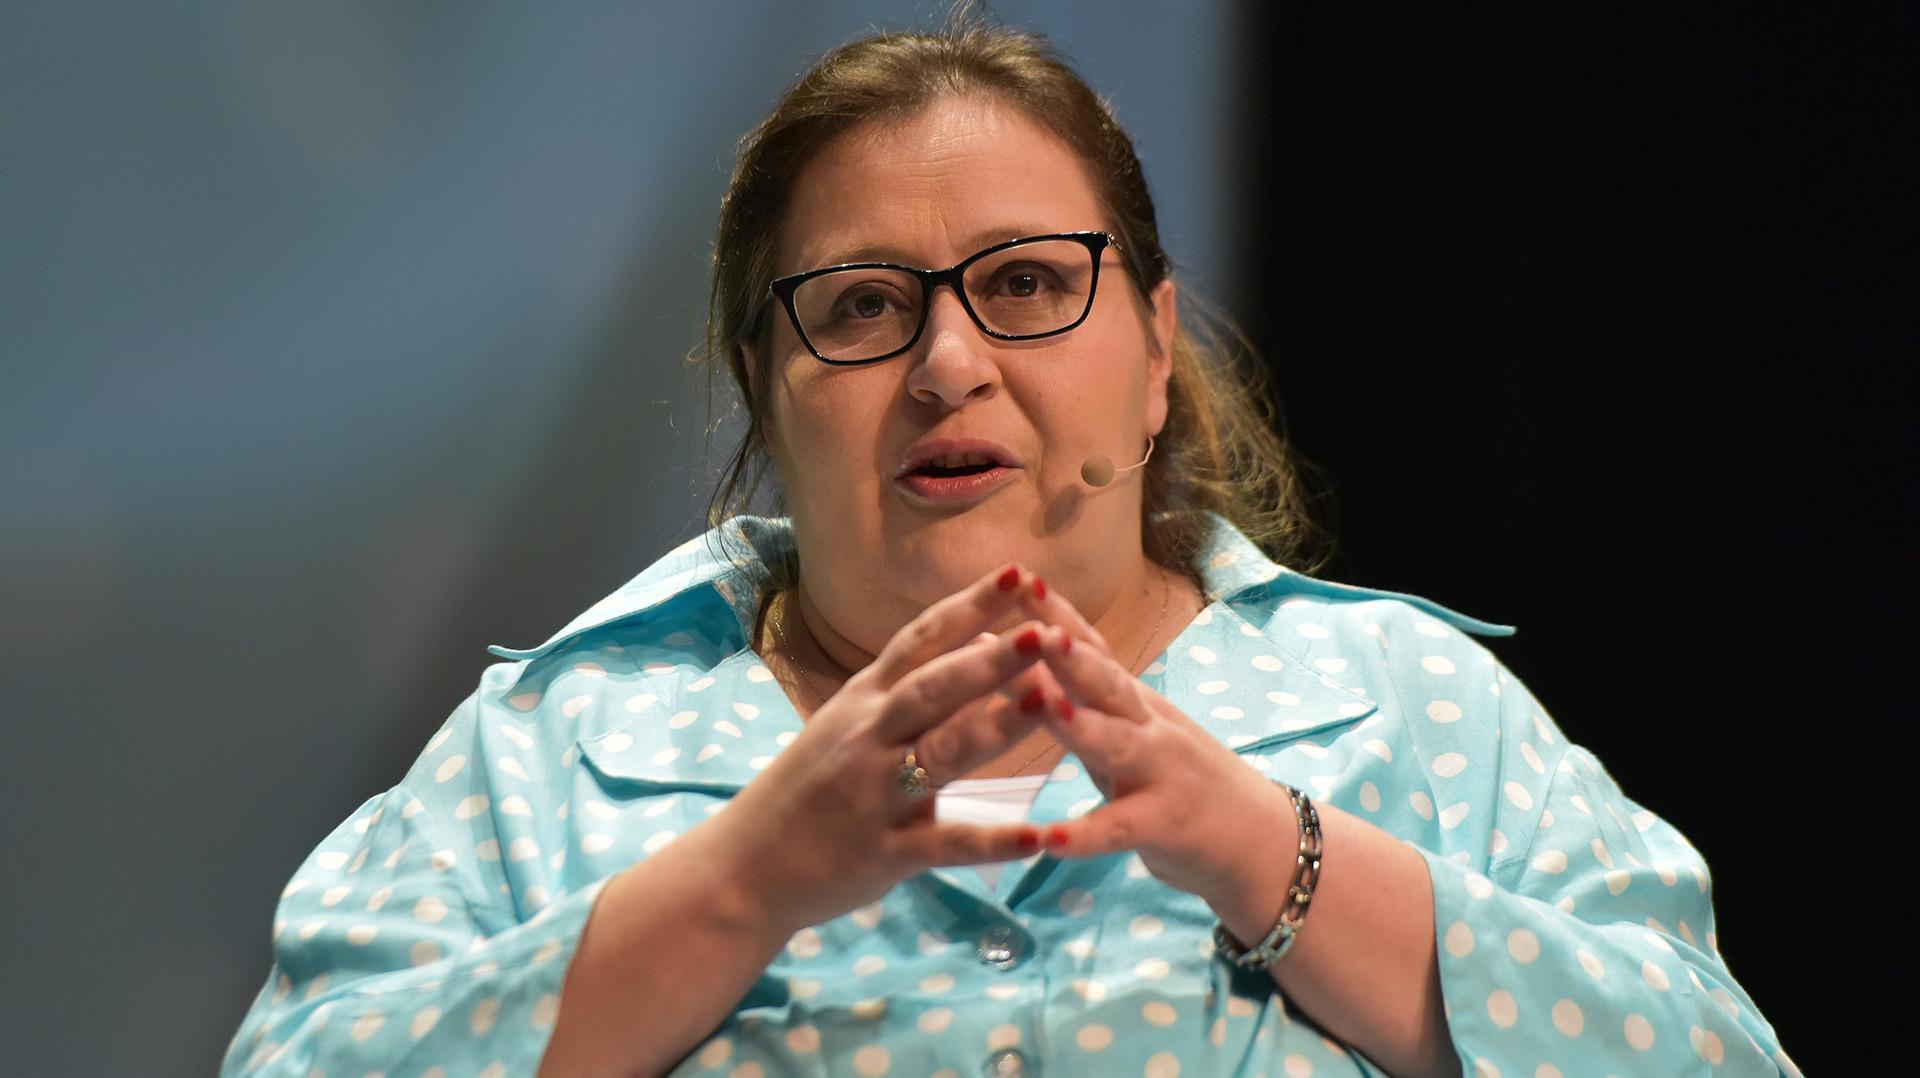 La abogada Graciana Peñafort expuso en el primer panel sobre violencia de género